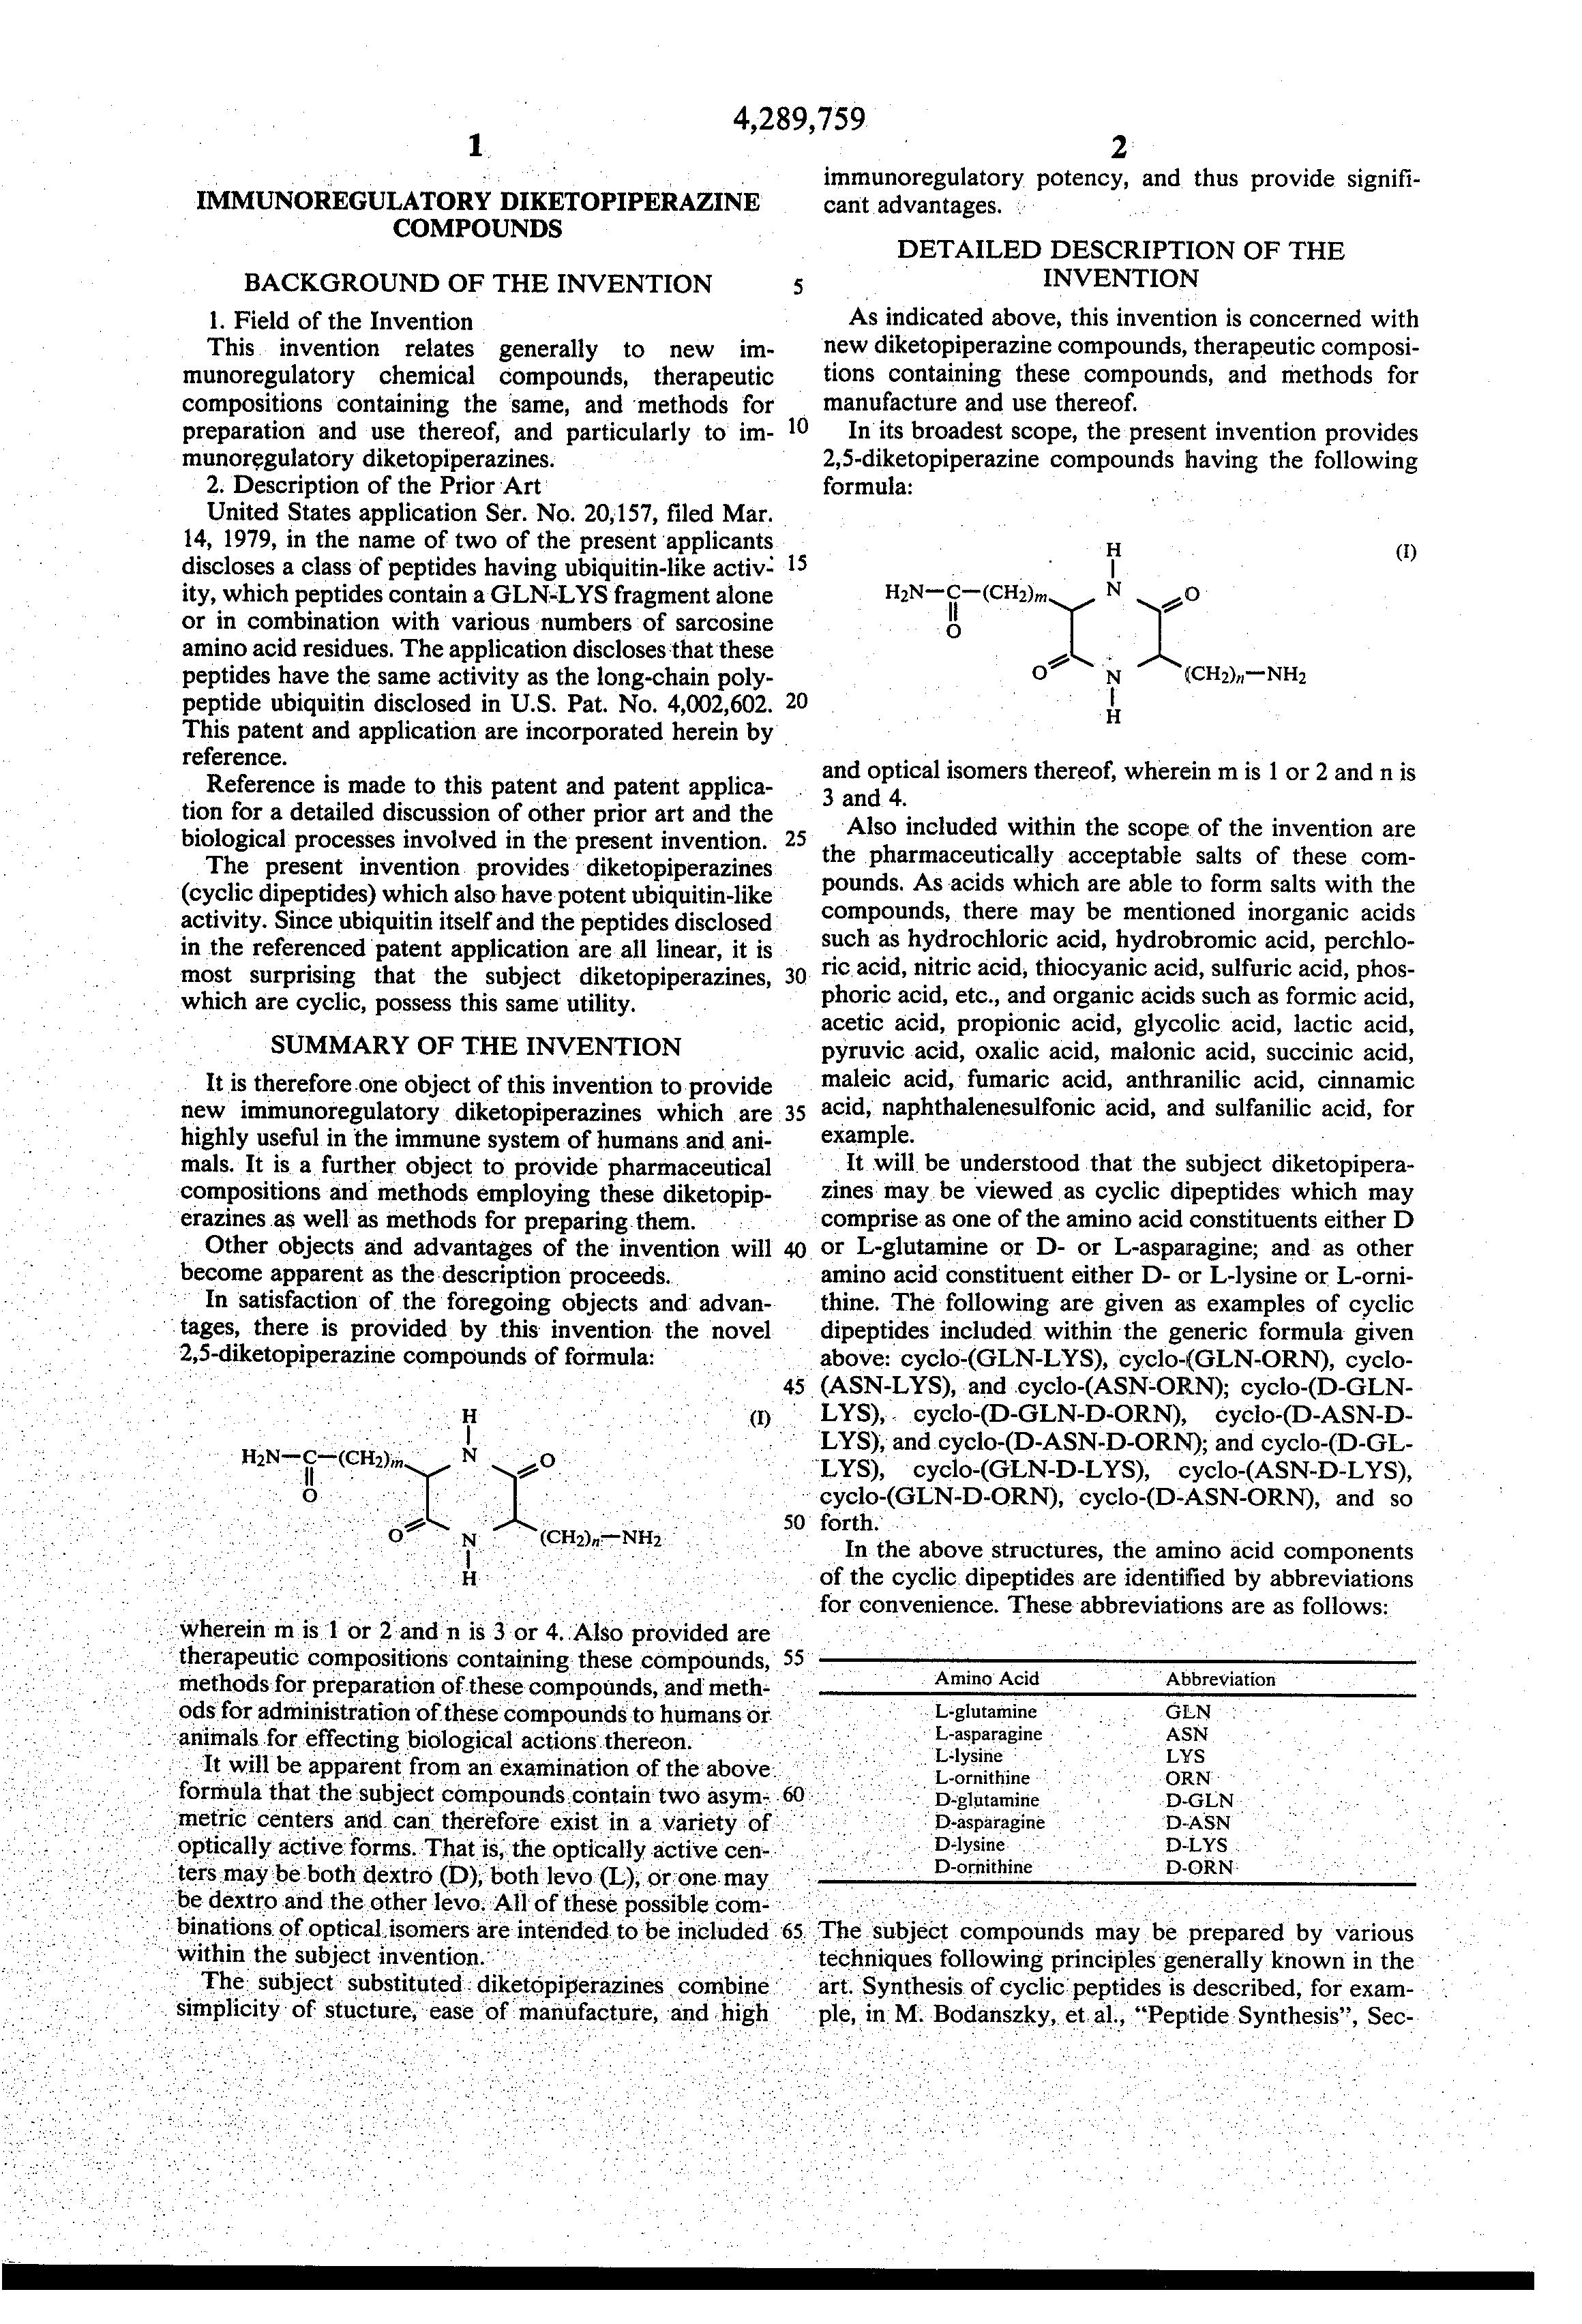 book der wiener kreis der ursprung des neopositivismus ein kapitel der